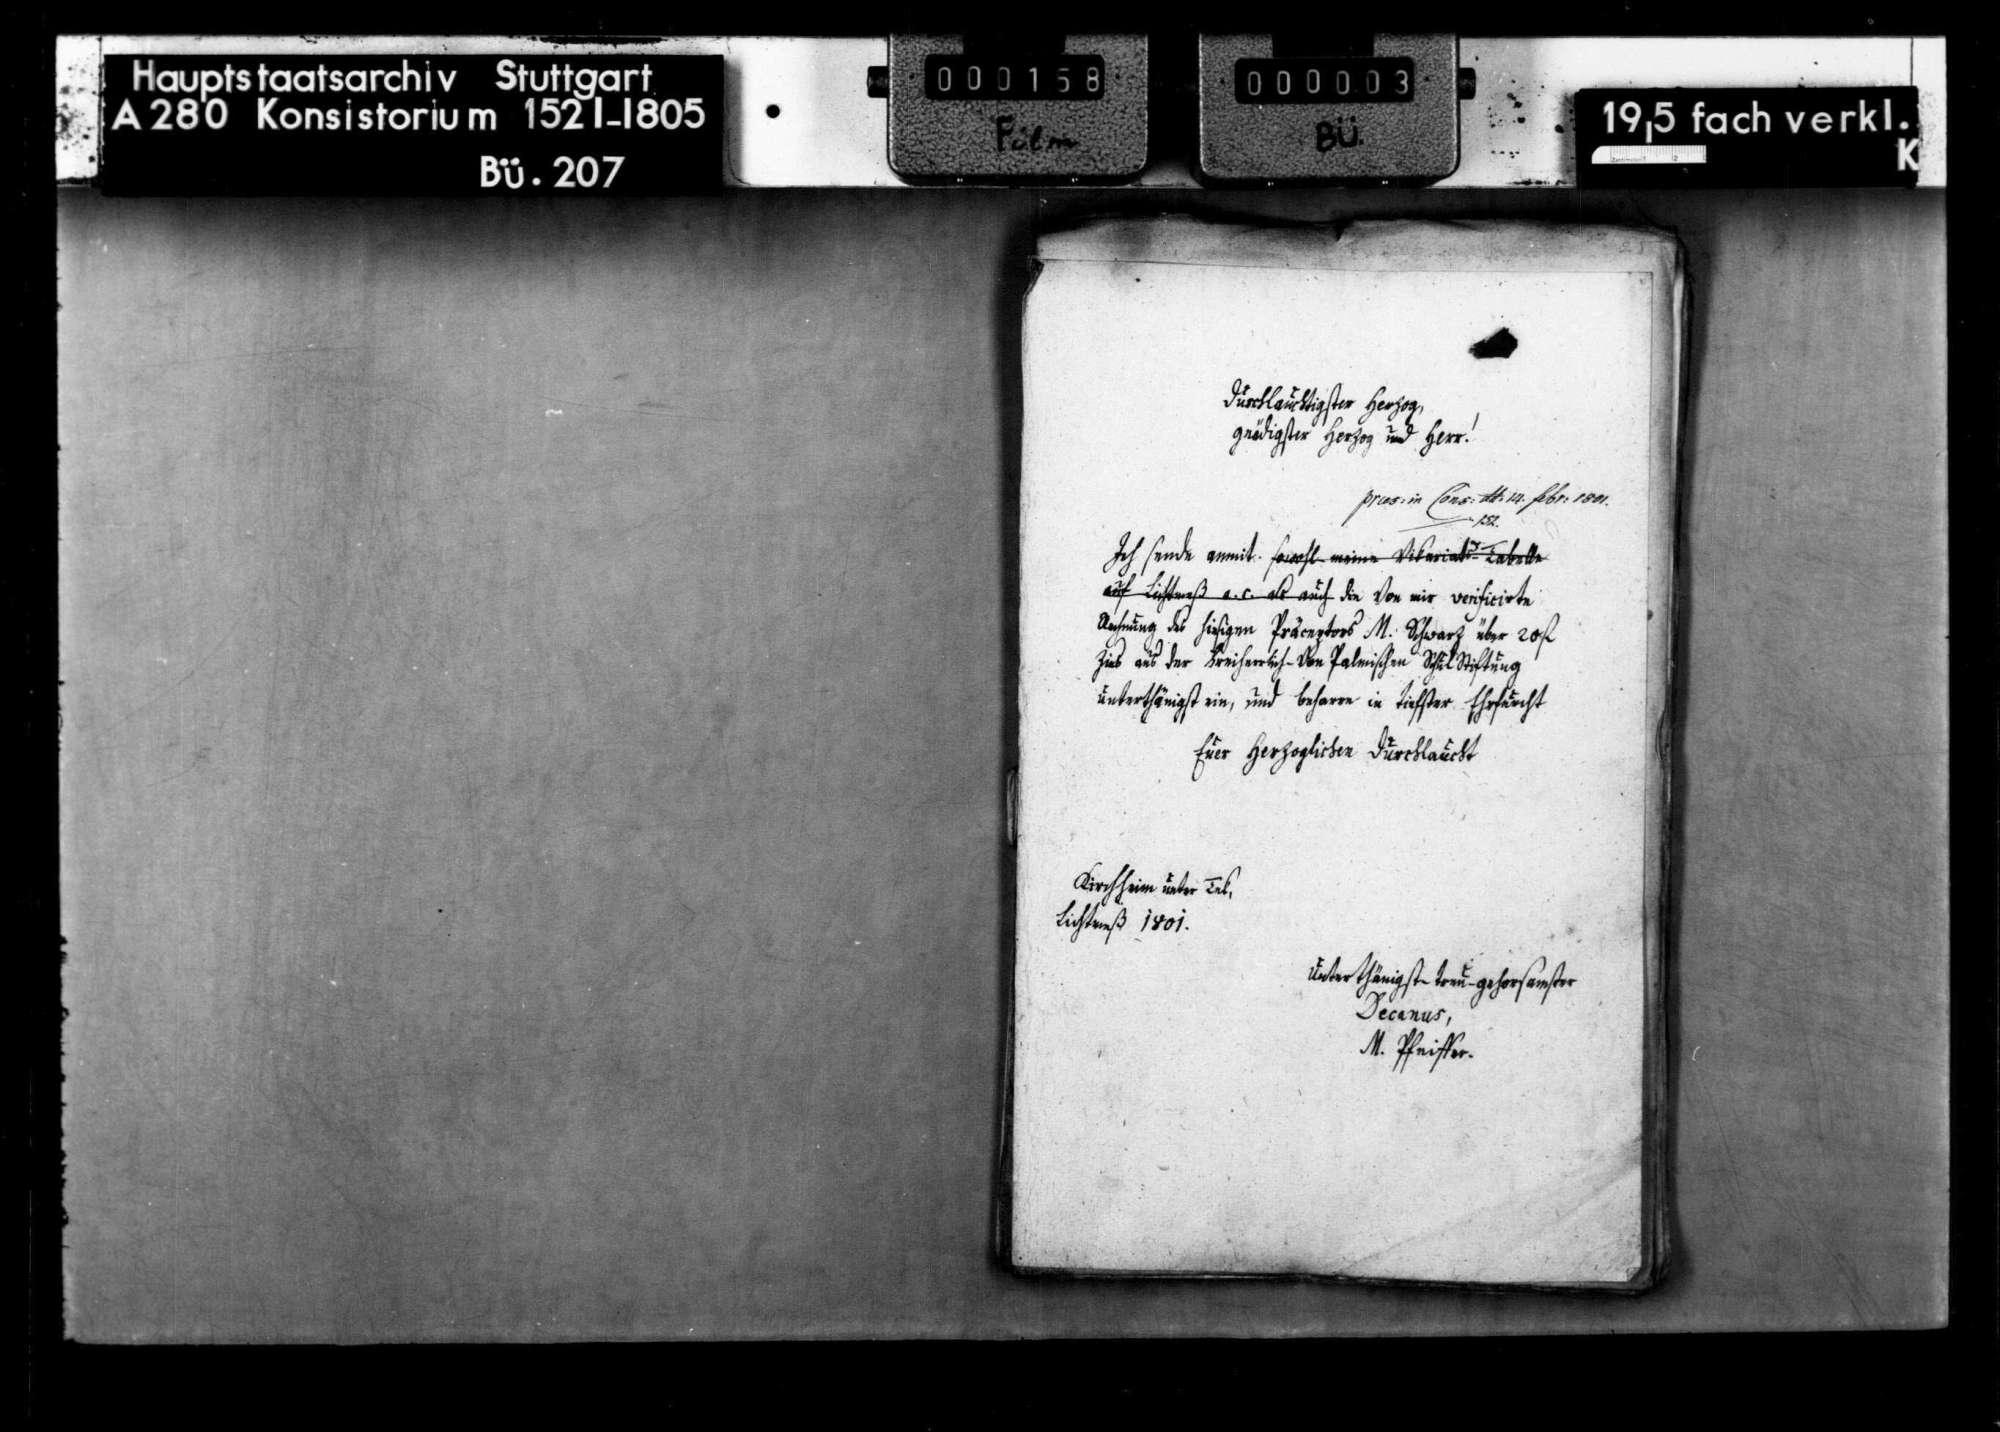 Stiftung des Christoph Heinrich Frh. von Palm für die Lateinschule in Kircheim/Teck, Bild 3